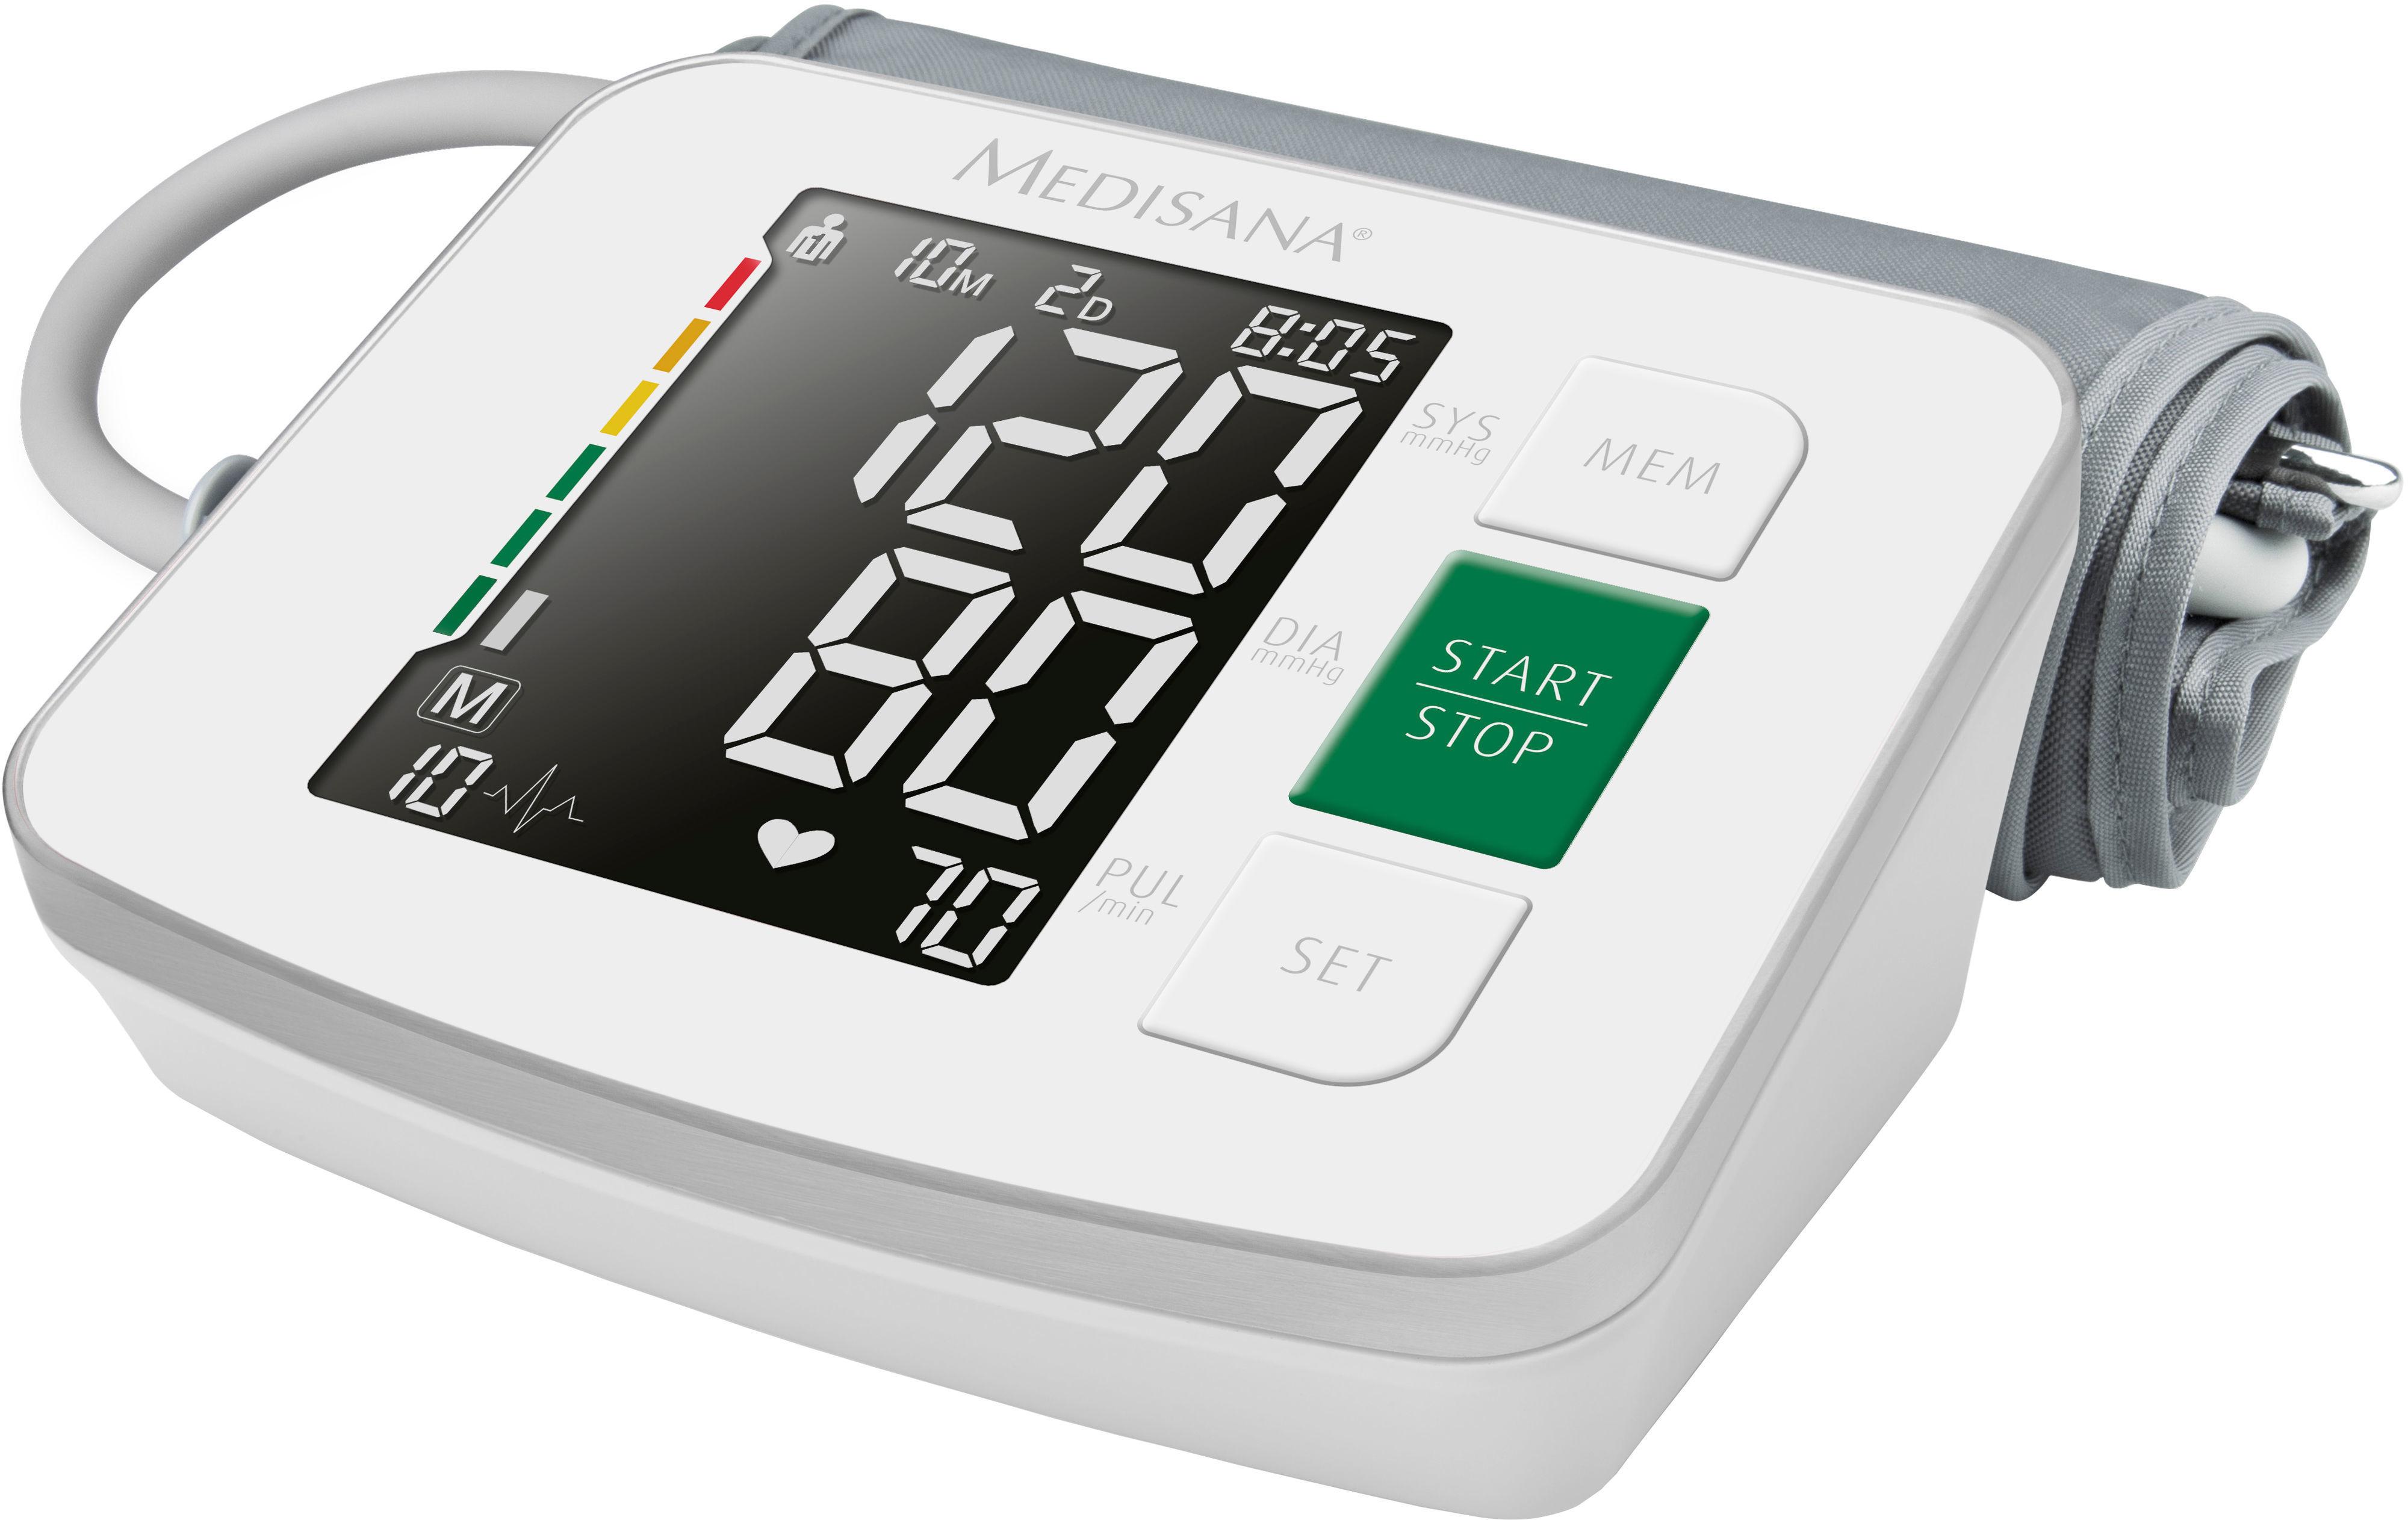 Medisana Pressure gauge arm Medisana 51165 asinsspiediena mērītājs